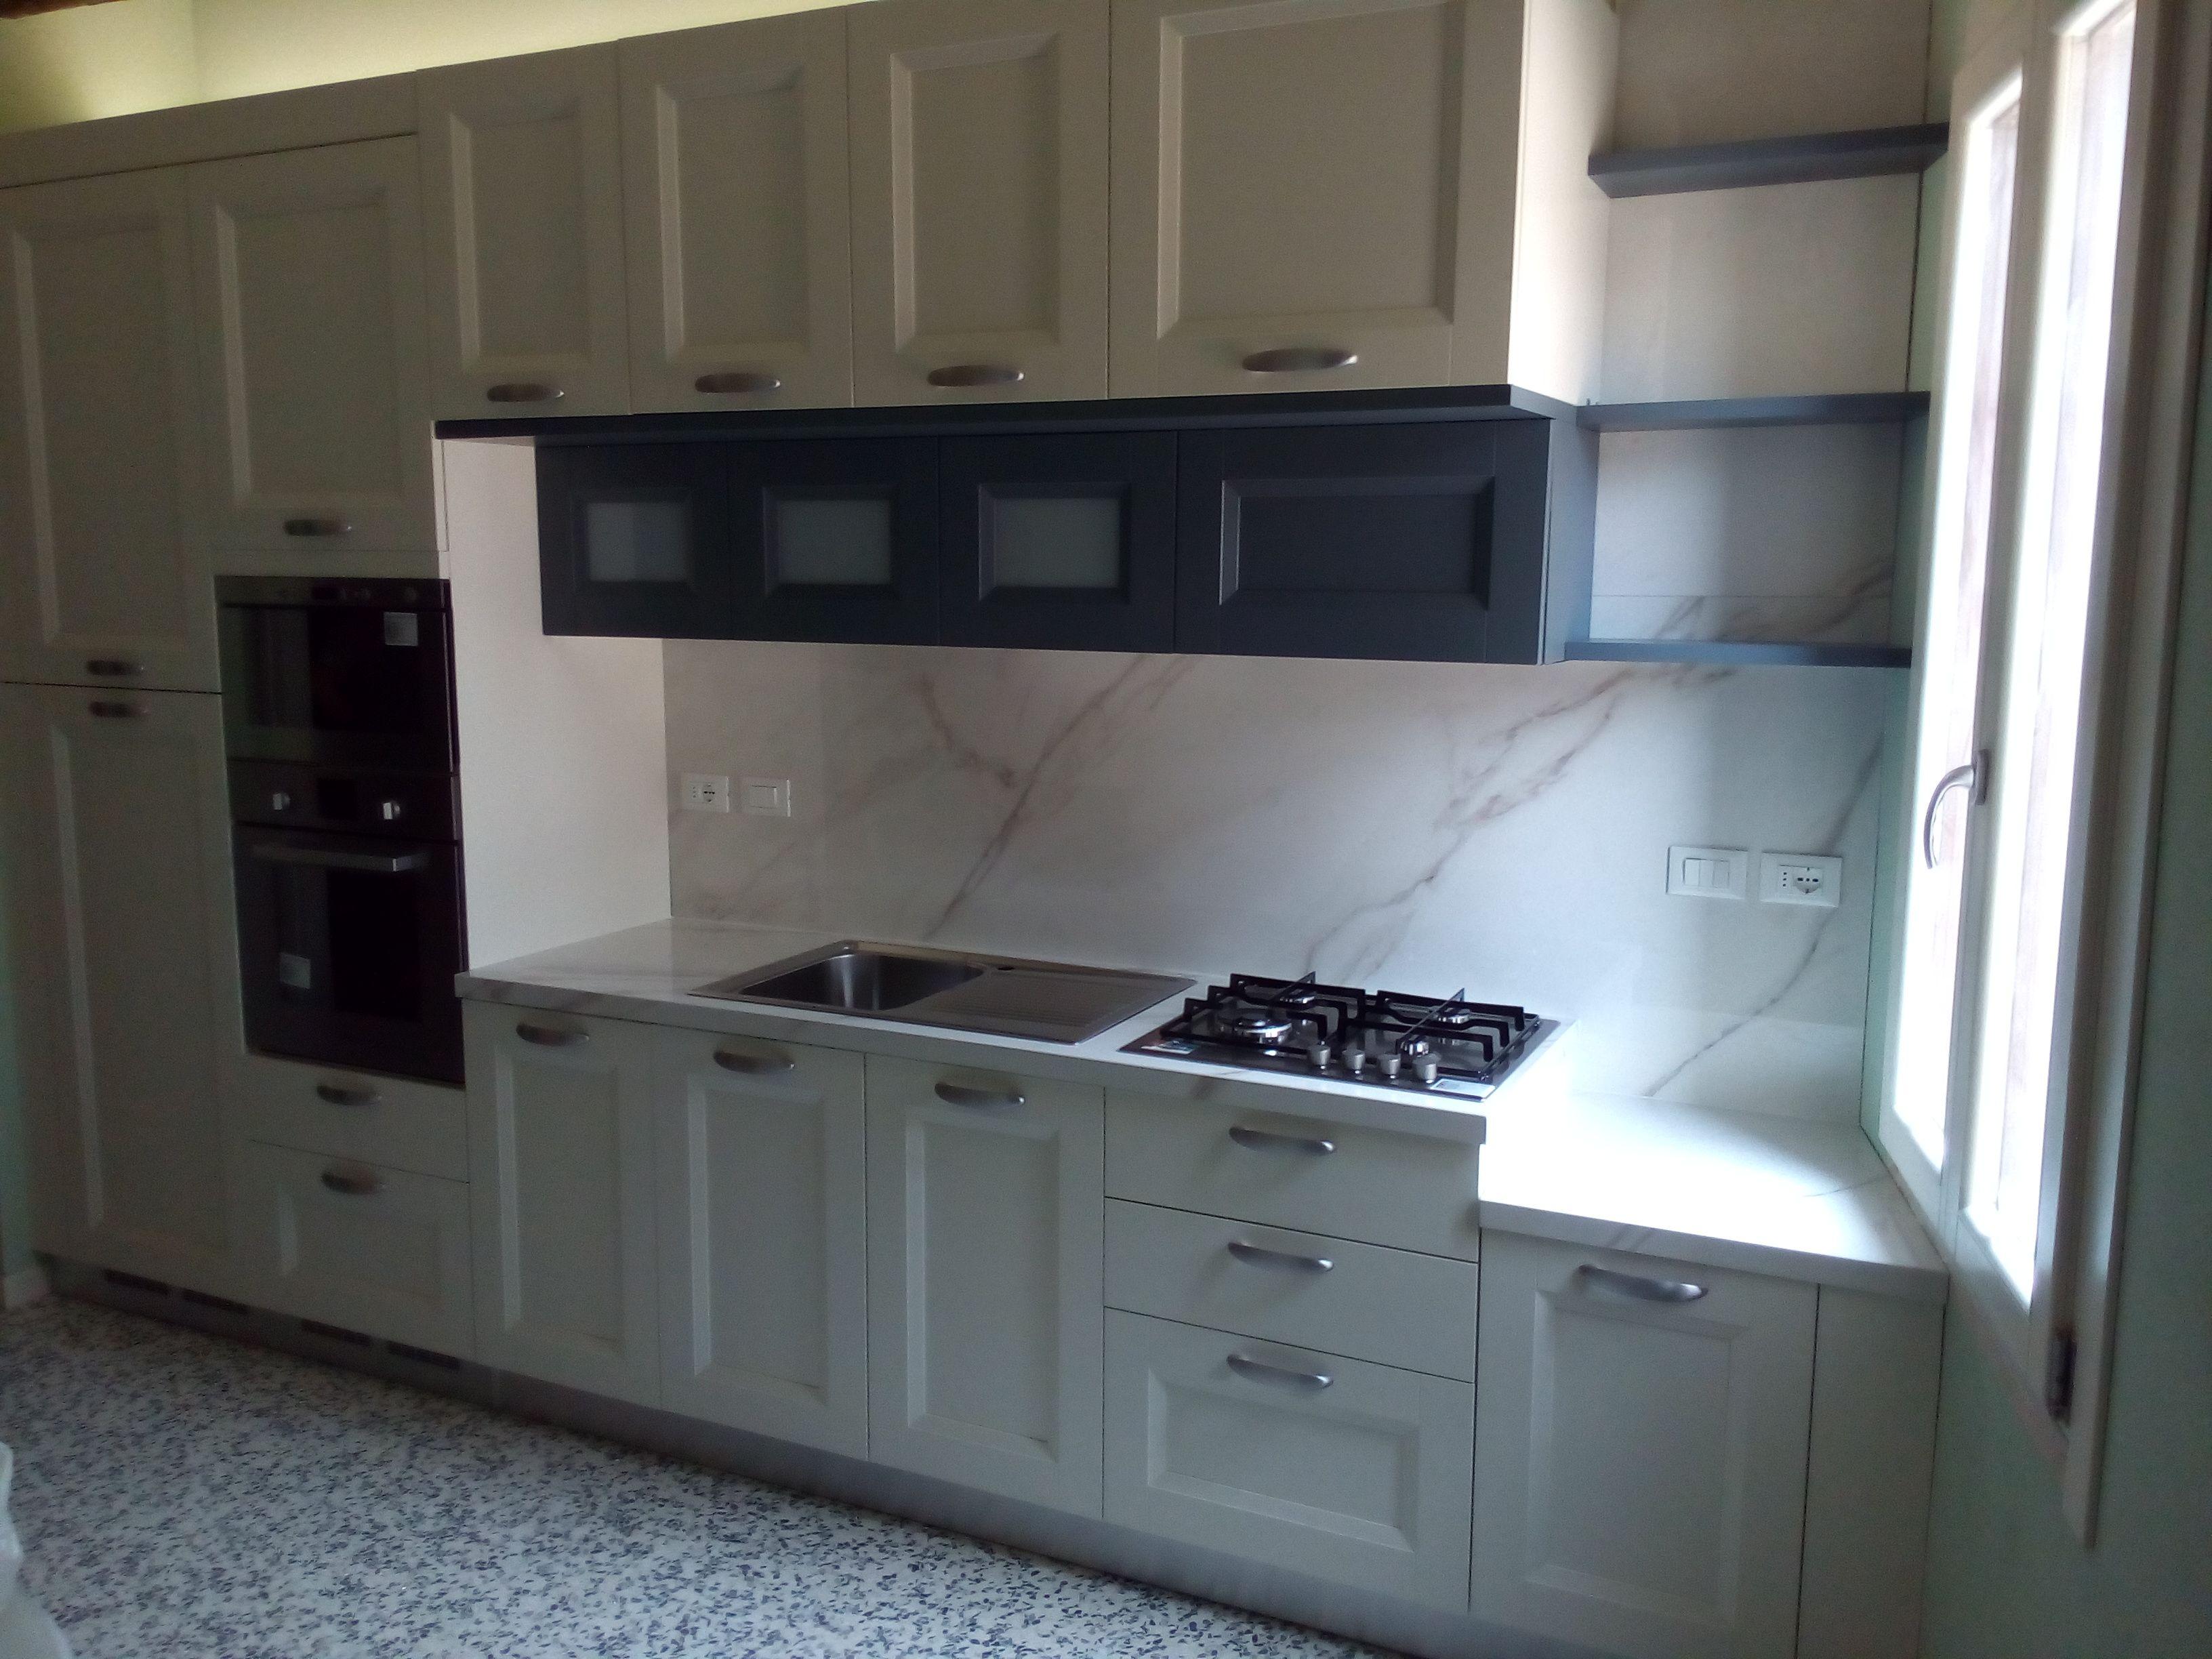 Il top di una #cucina rivestito con #Kerlite, materiale ceramico ...